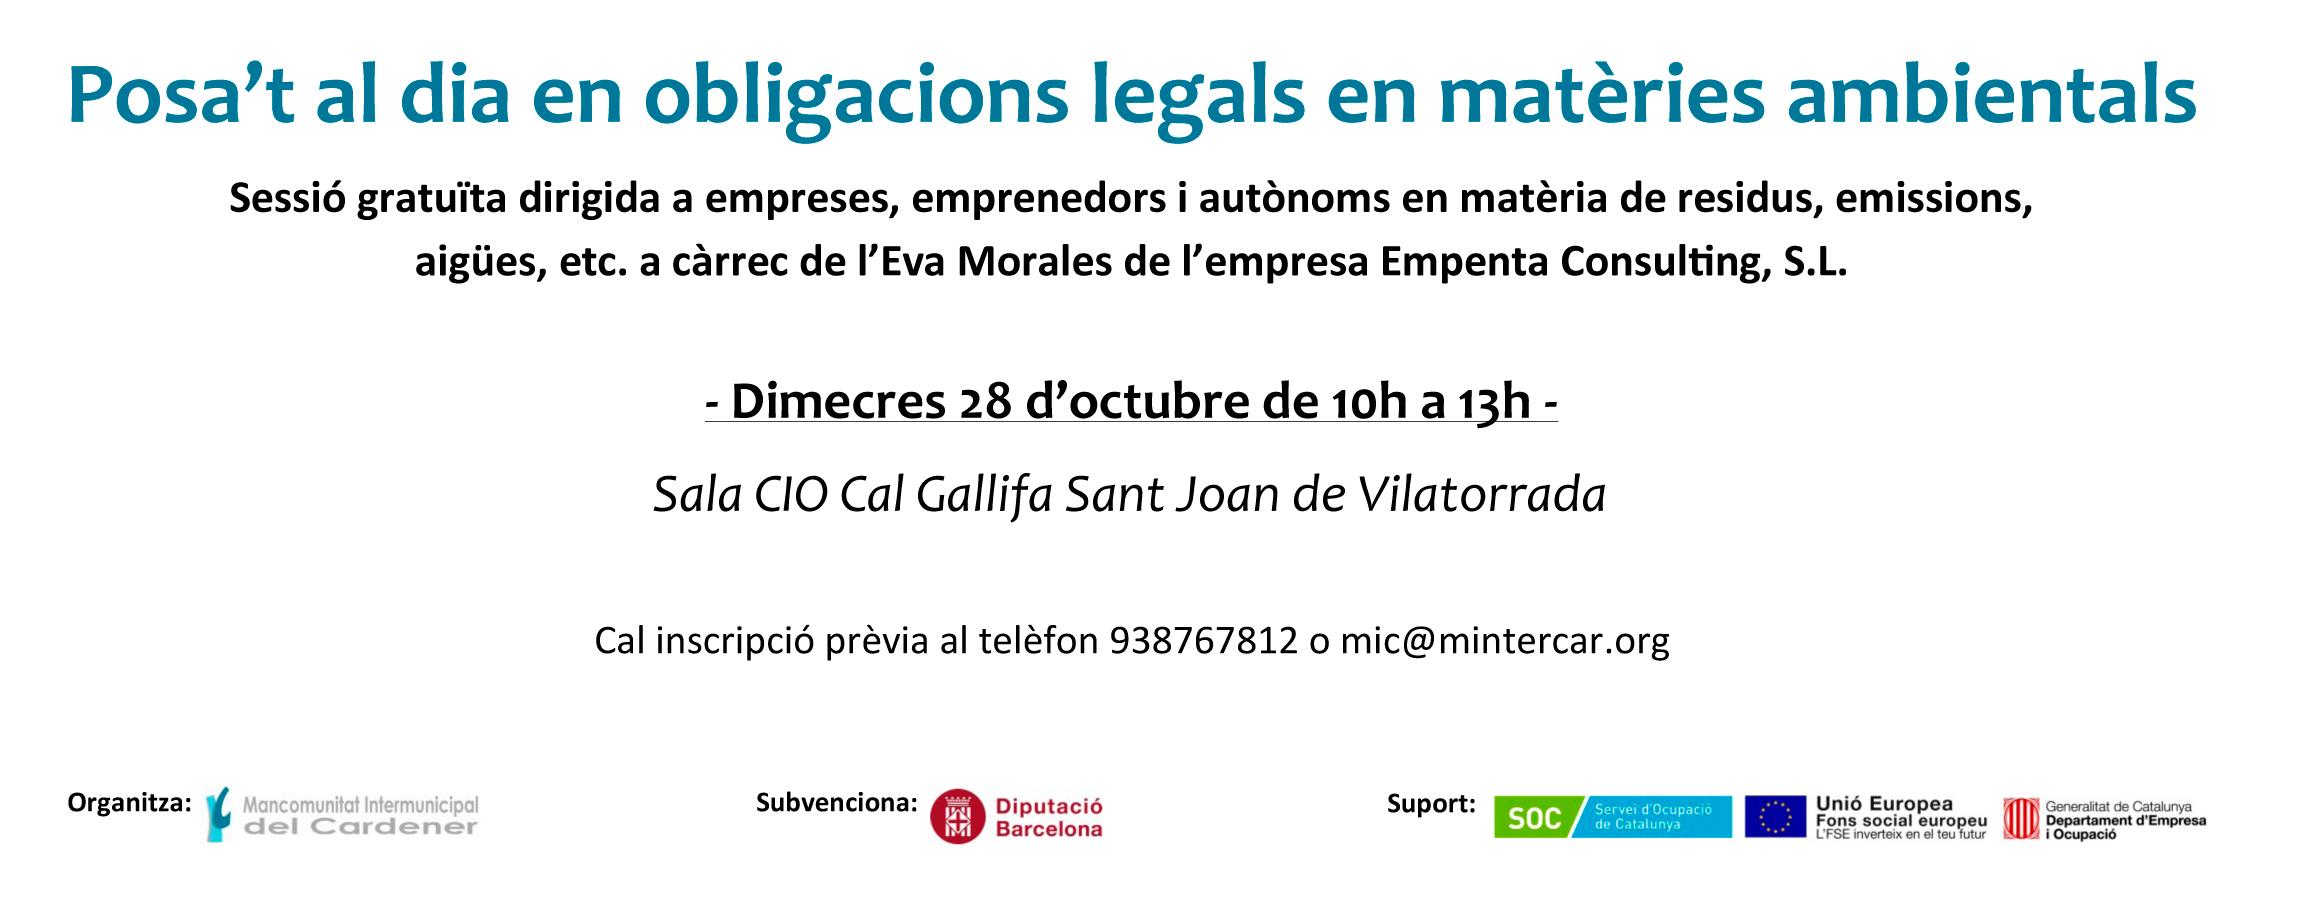 obligacions legals ambientals per empreses jornada de empenta consulting